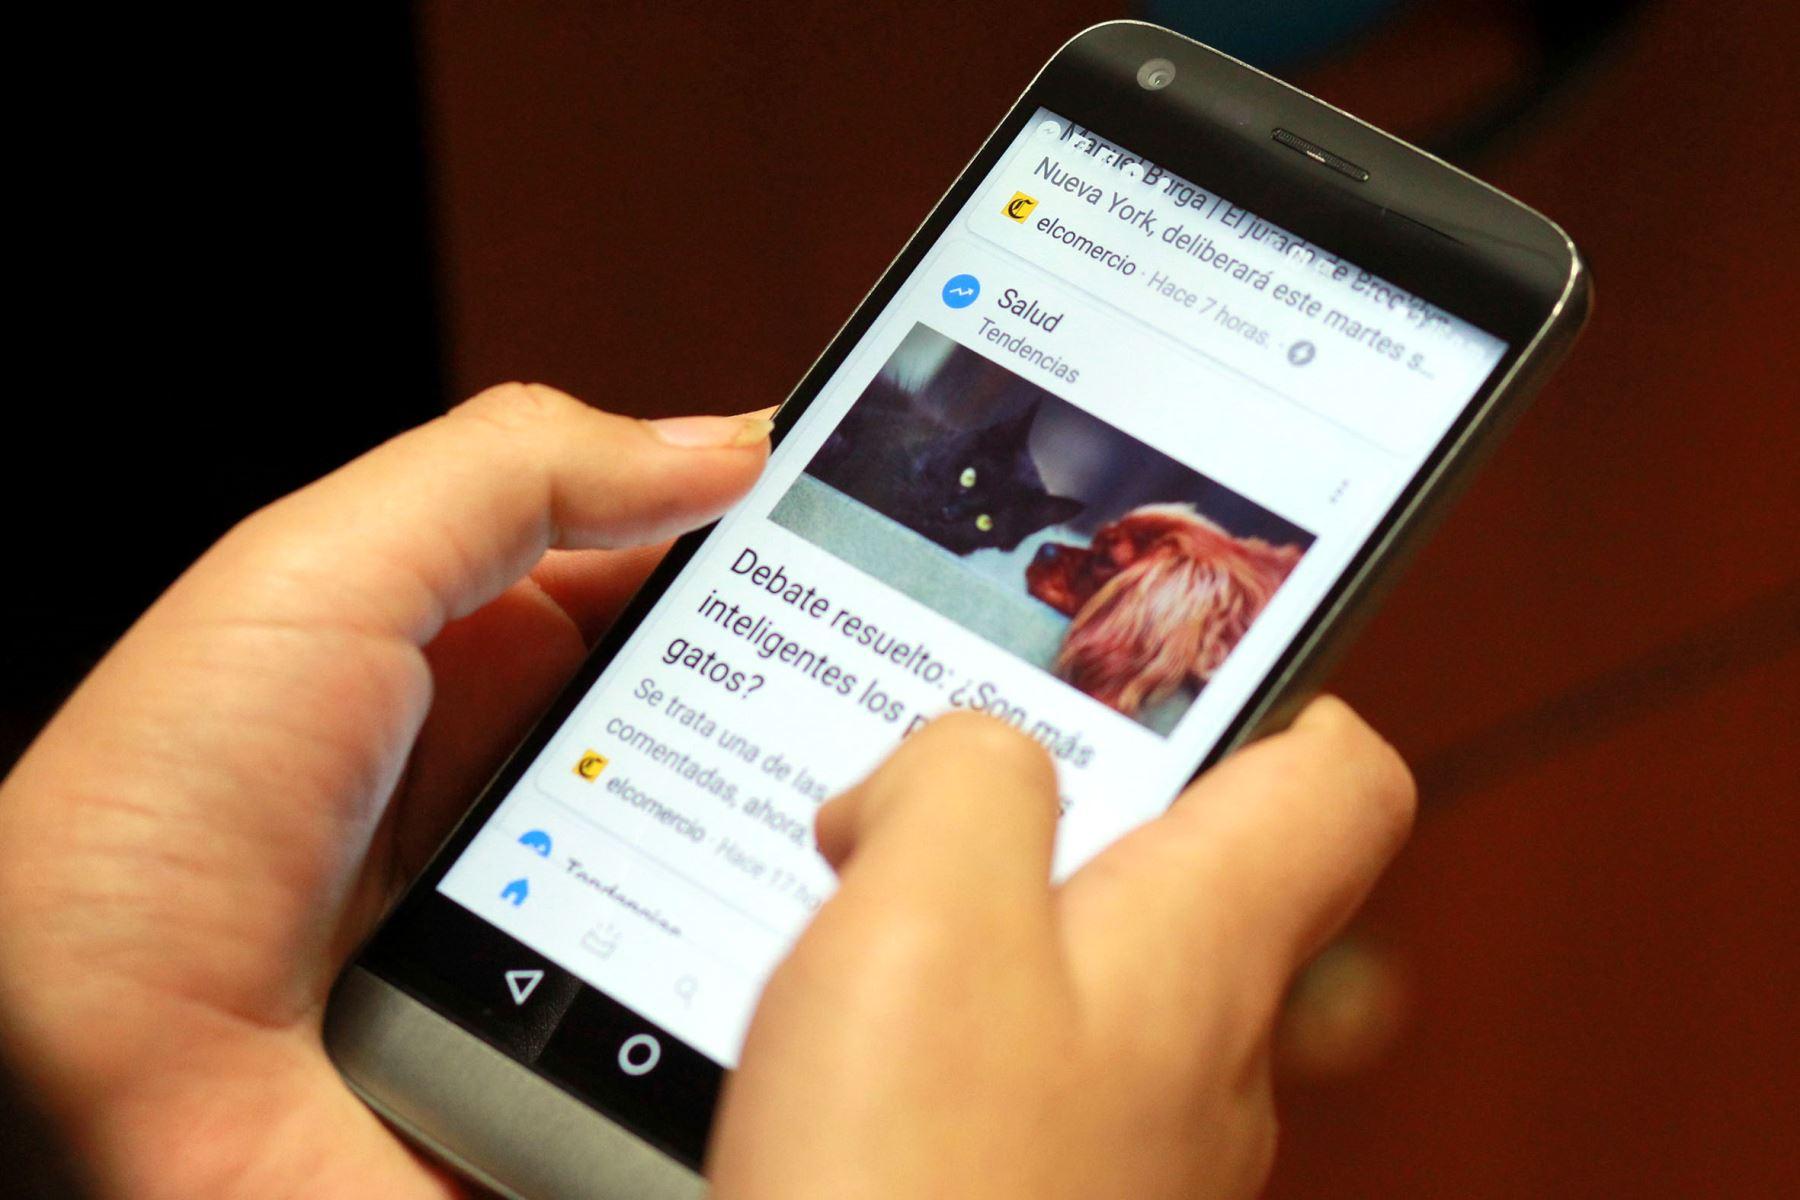 Osiptel: Entel sigue siendo la líder en portabilidad postpago